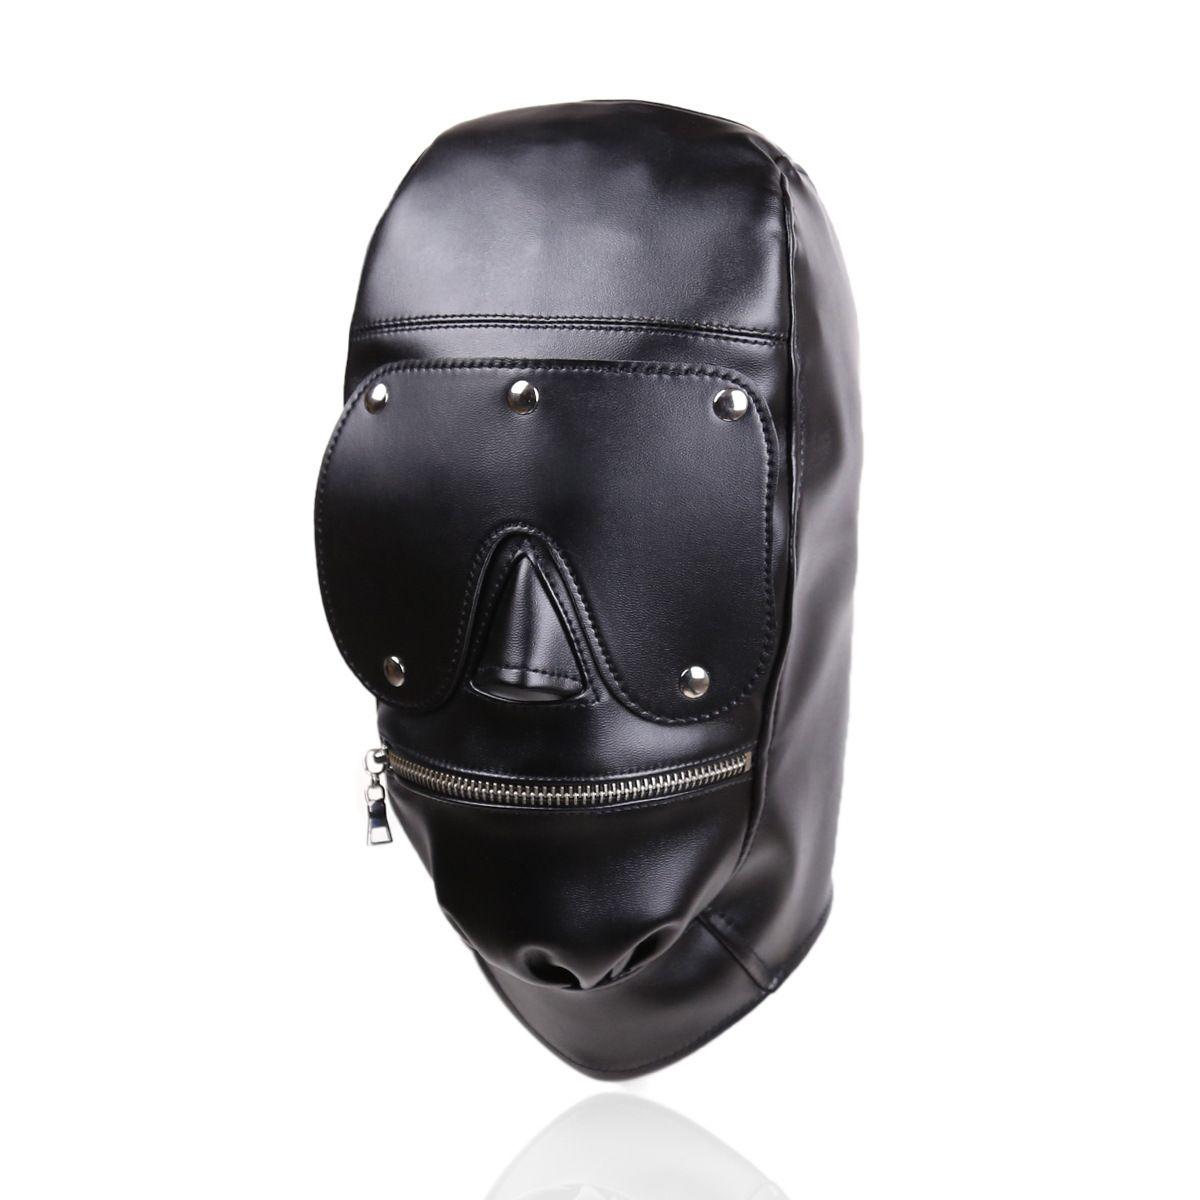 A boca no fuzzeta do focinho da capa da engrenagem da bondage com o brinquedo destacável da máscara do olho do arnês com couro do gimp de couro do gimp do sexo Zipper Fetish B03060 IRTQ